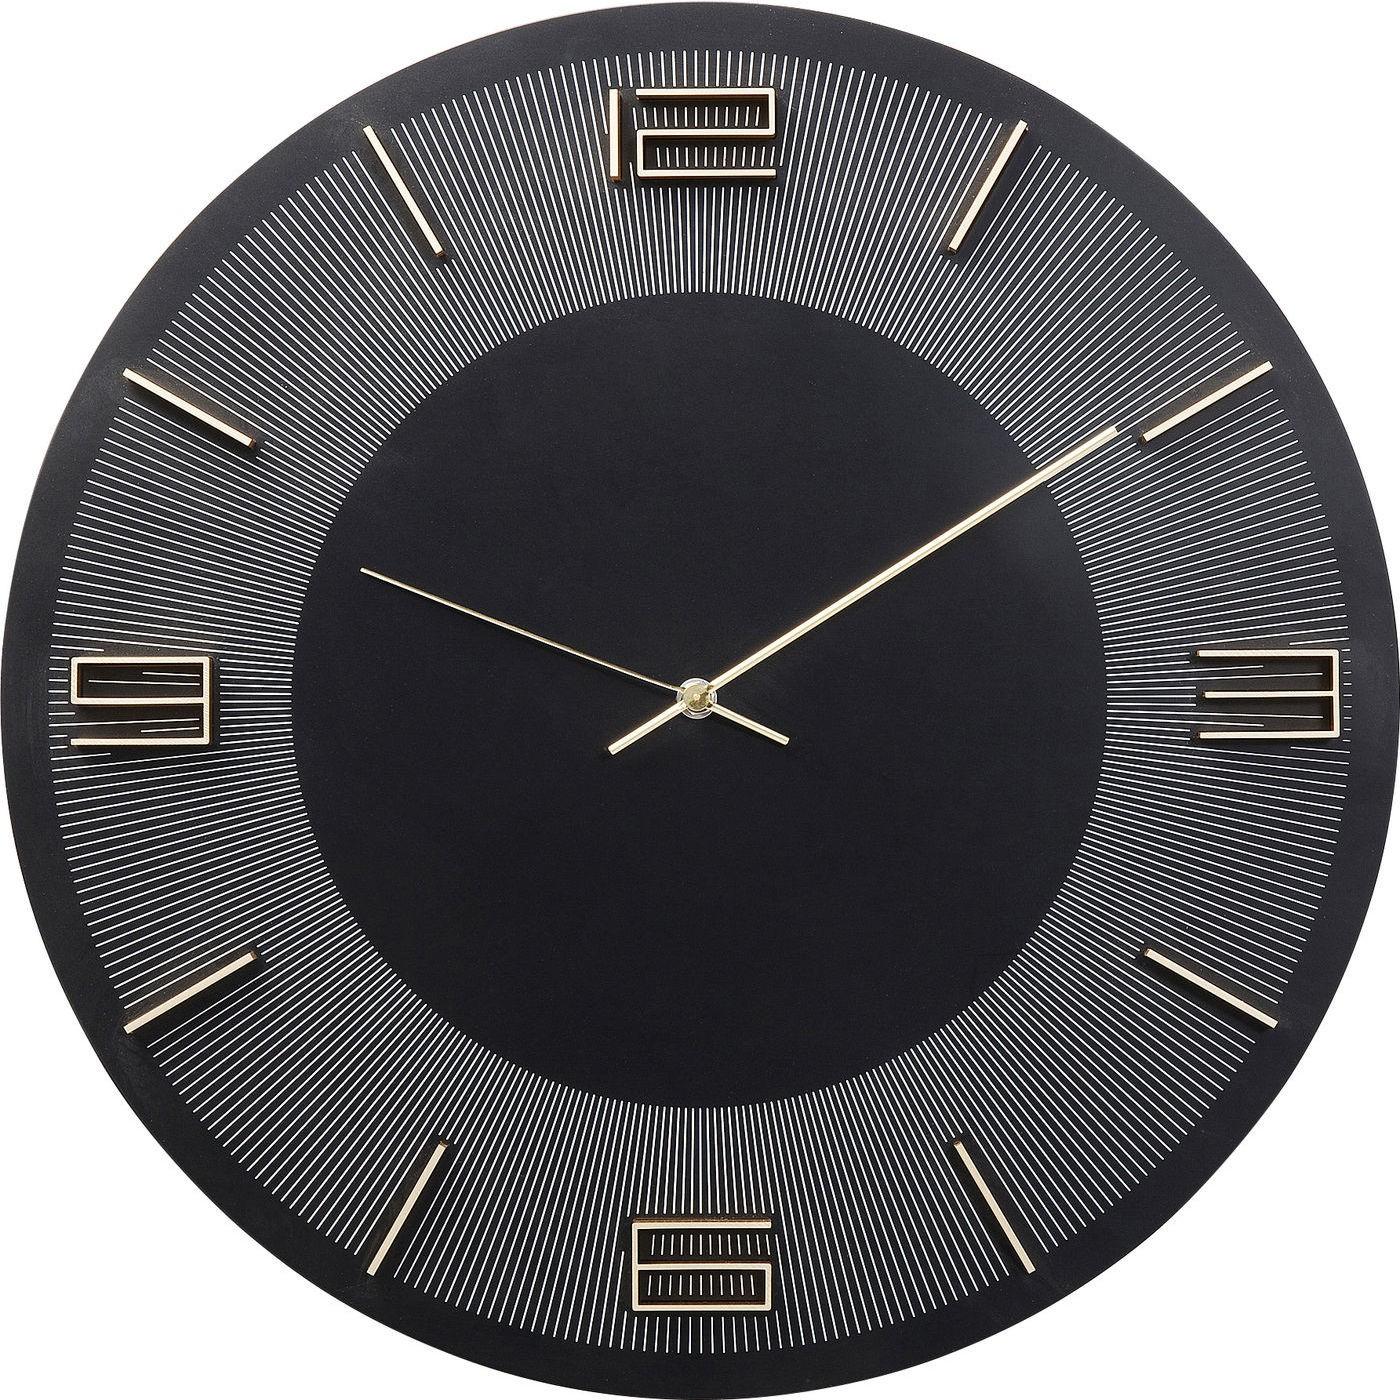 Horloge noire et dorée D49